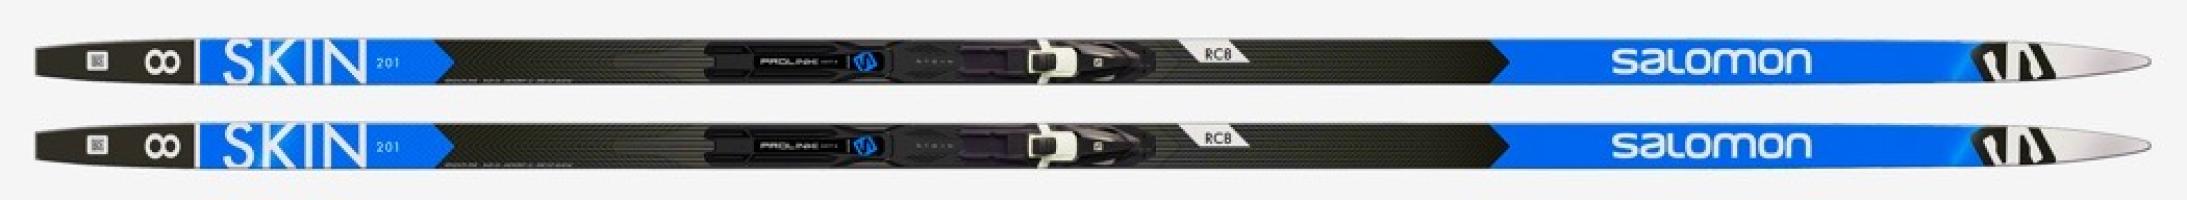 SALOMON XC RC8 * E SKIN PSP - Modell 2020/21